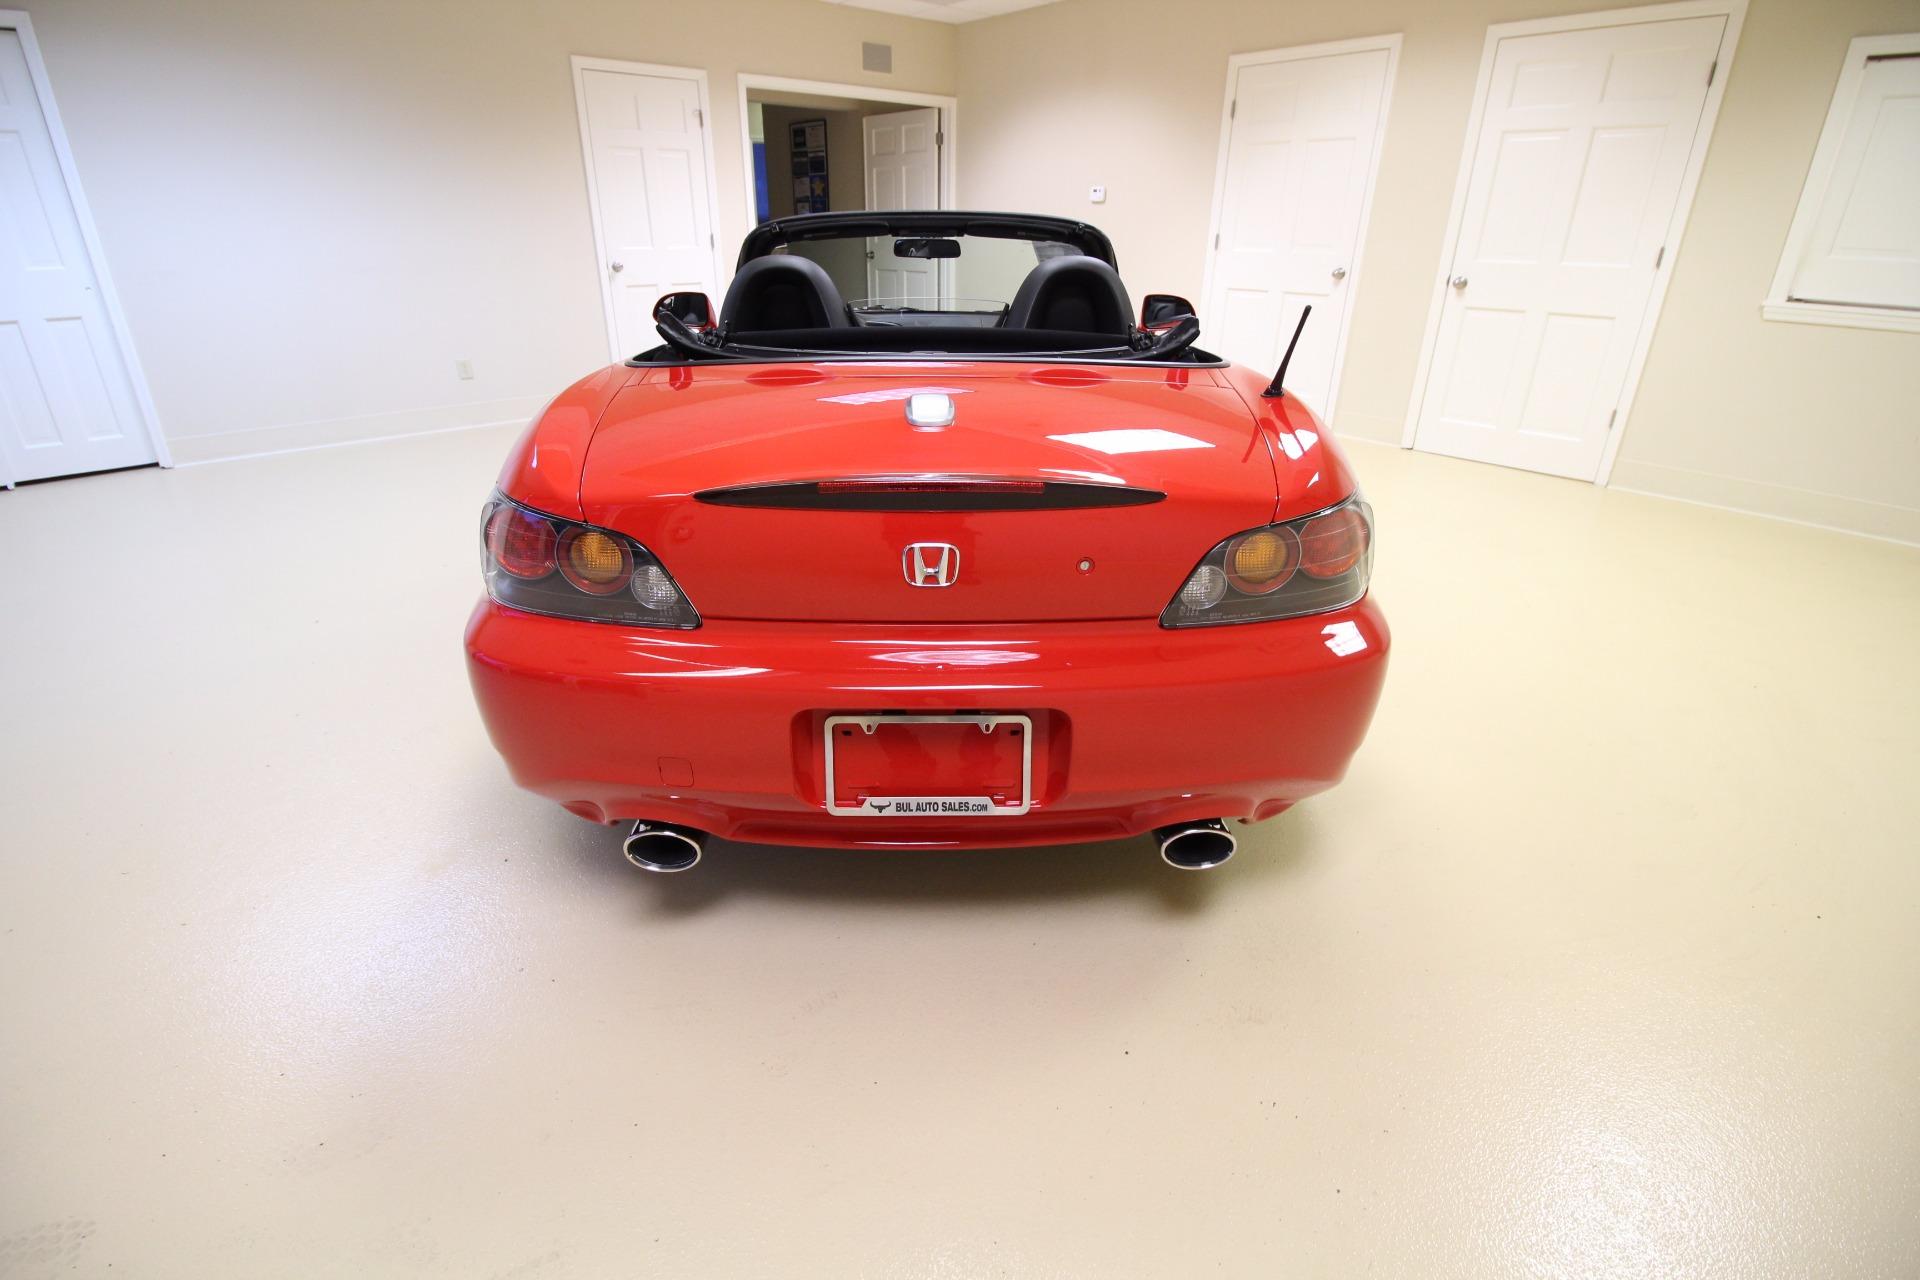 Used 2007 Honda S2000 Roadster | Albany, NY